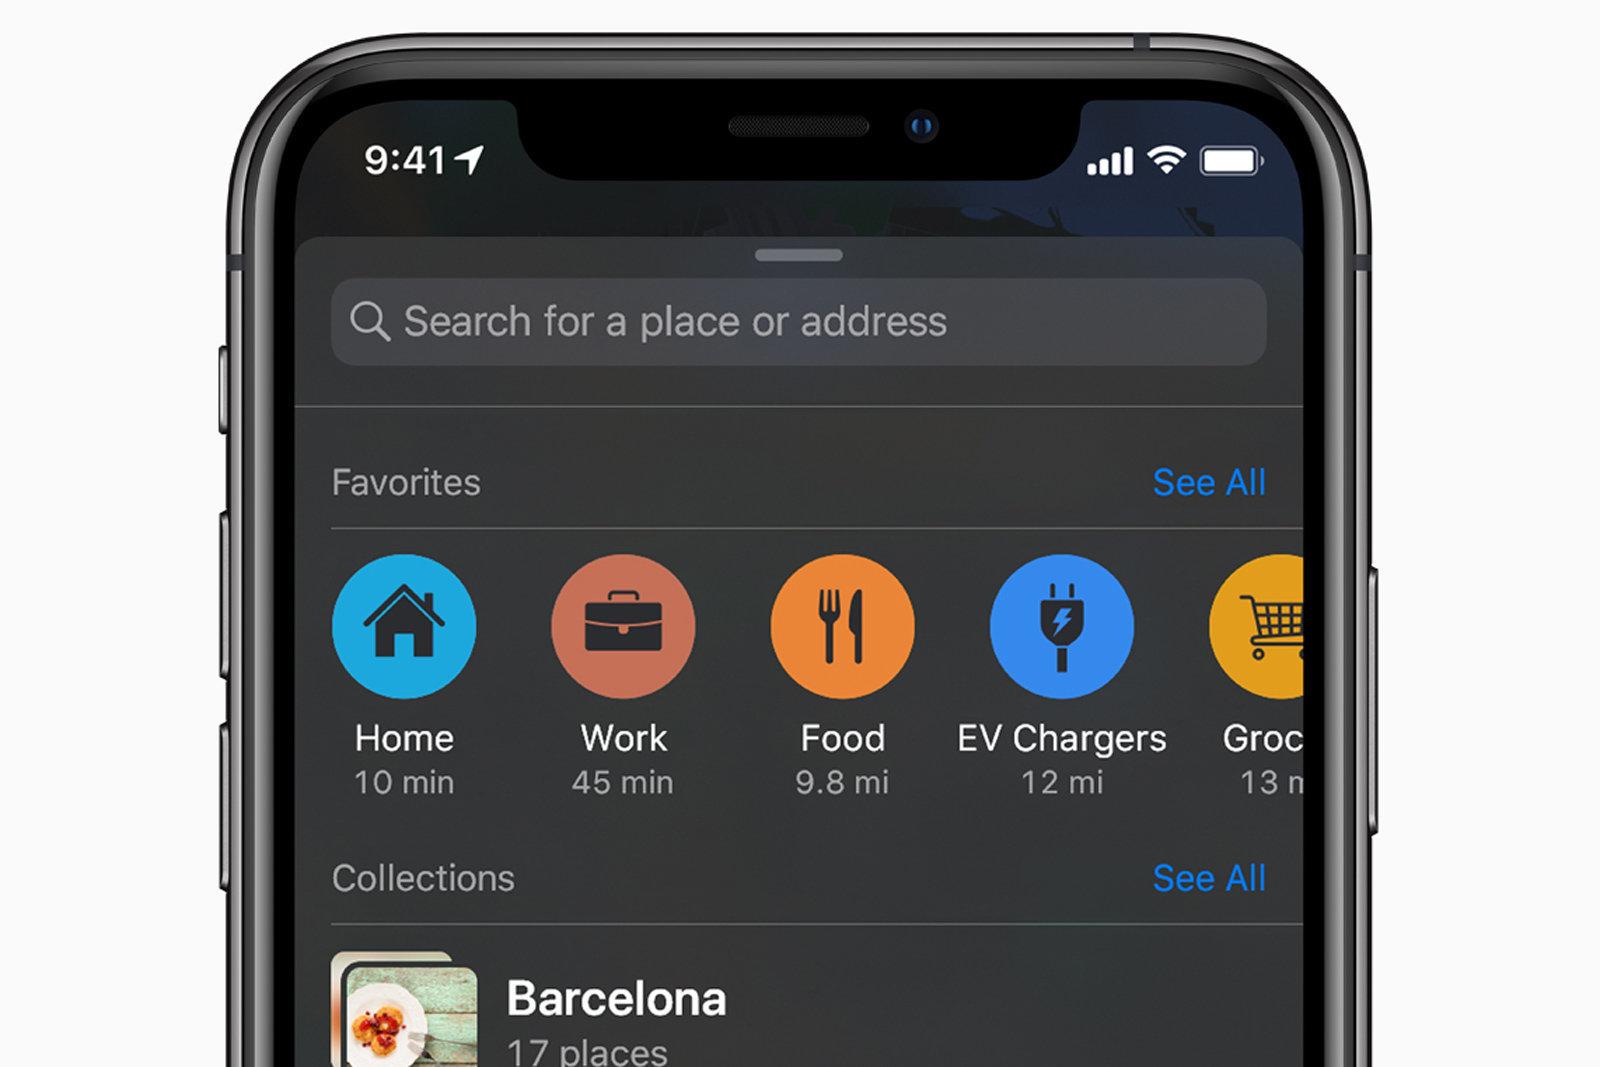 روکیدا - اپل نسخههای بتا سیستم عاملهای جدیدش را در اختیار عموم قرار میدهد؟ - آیفون, اپل